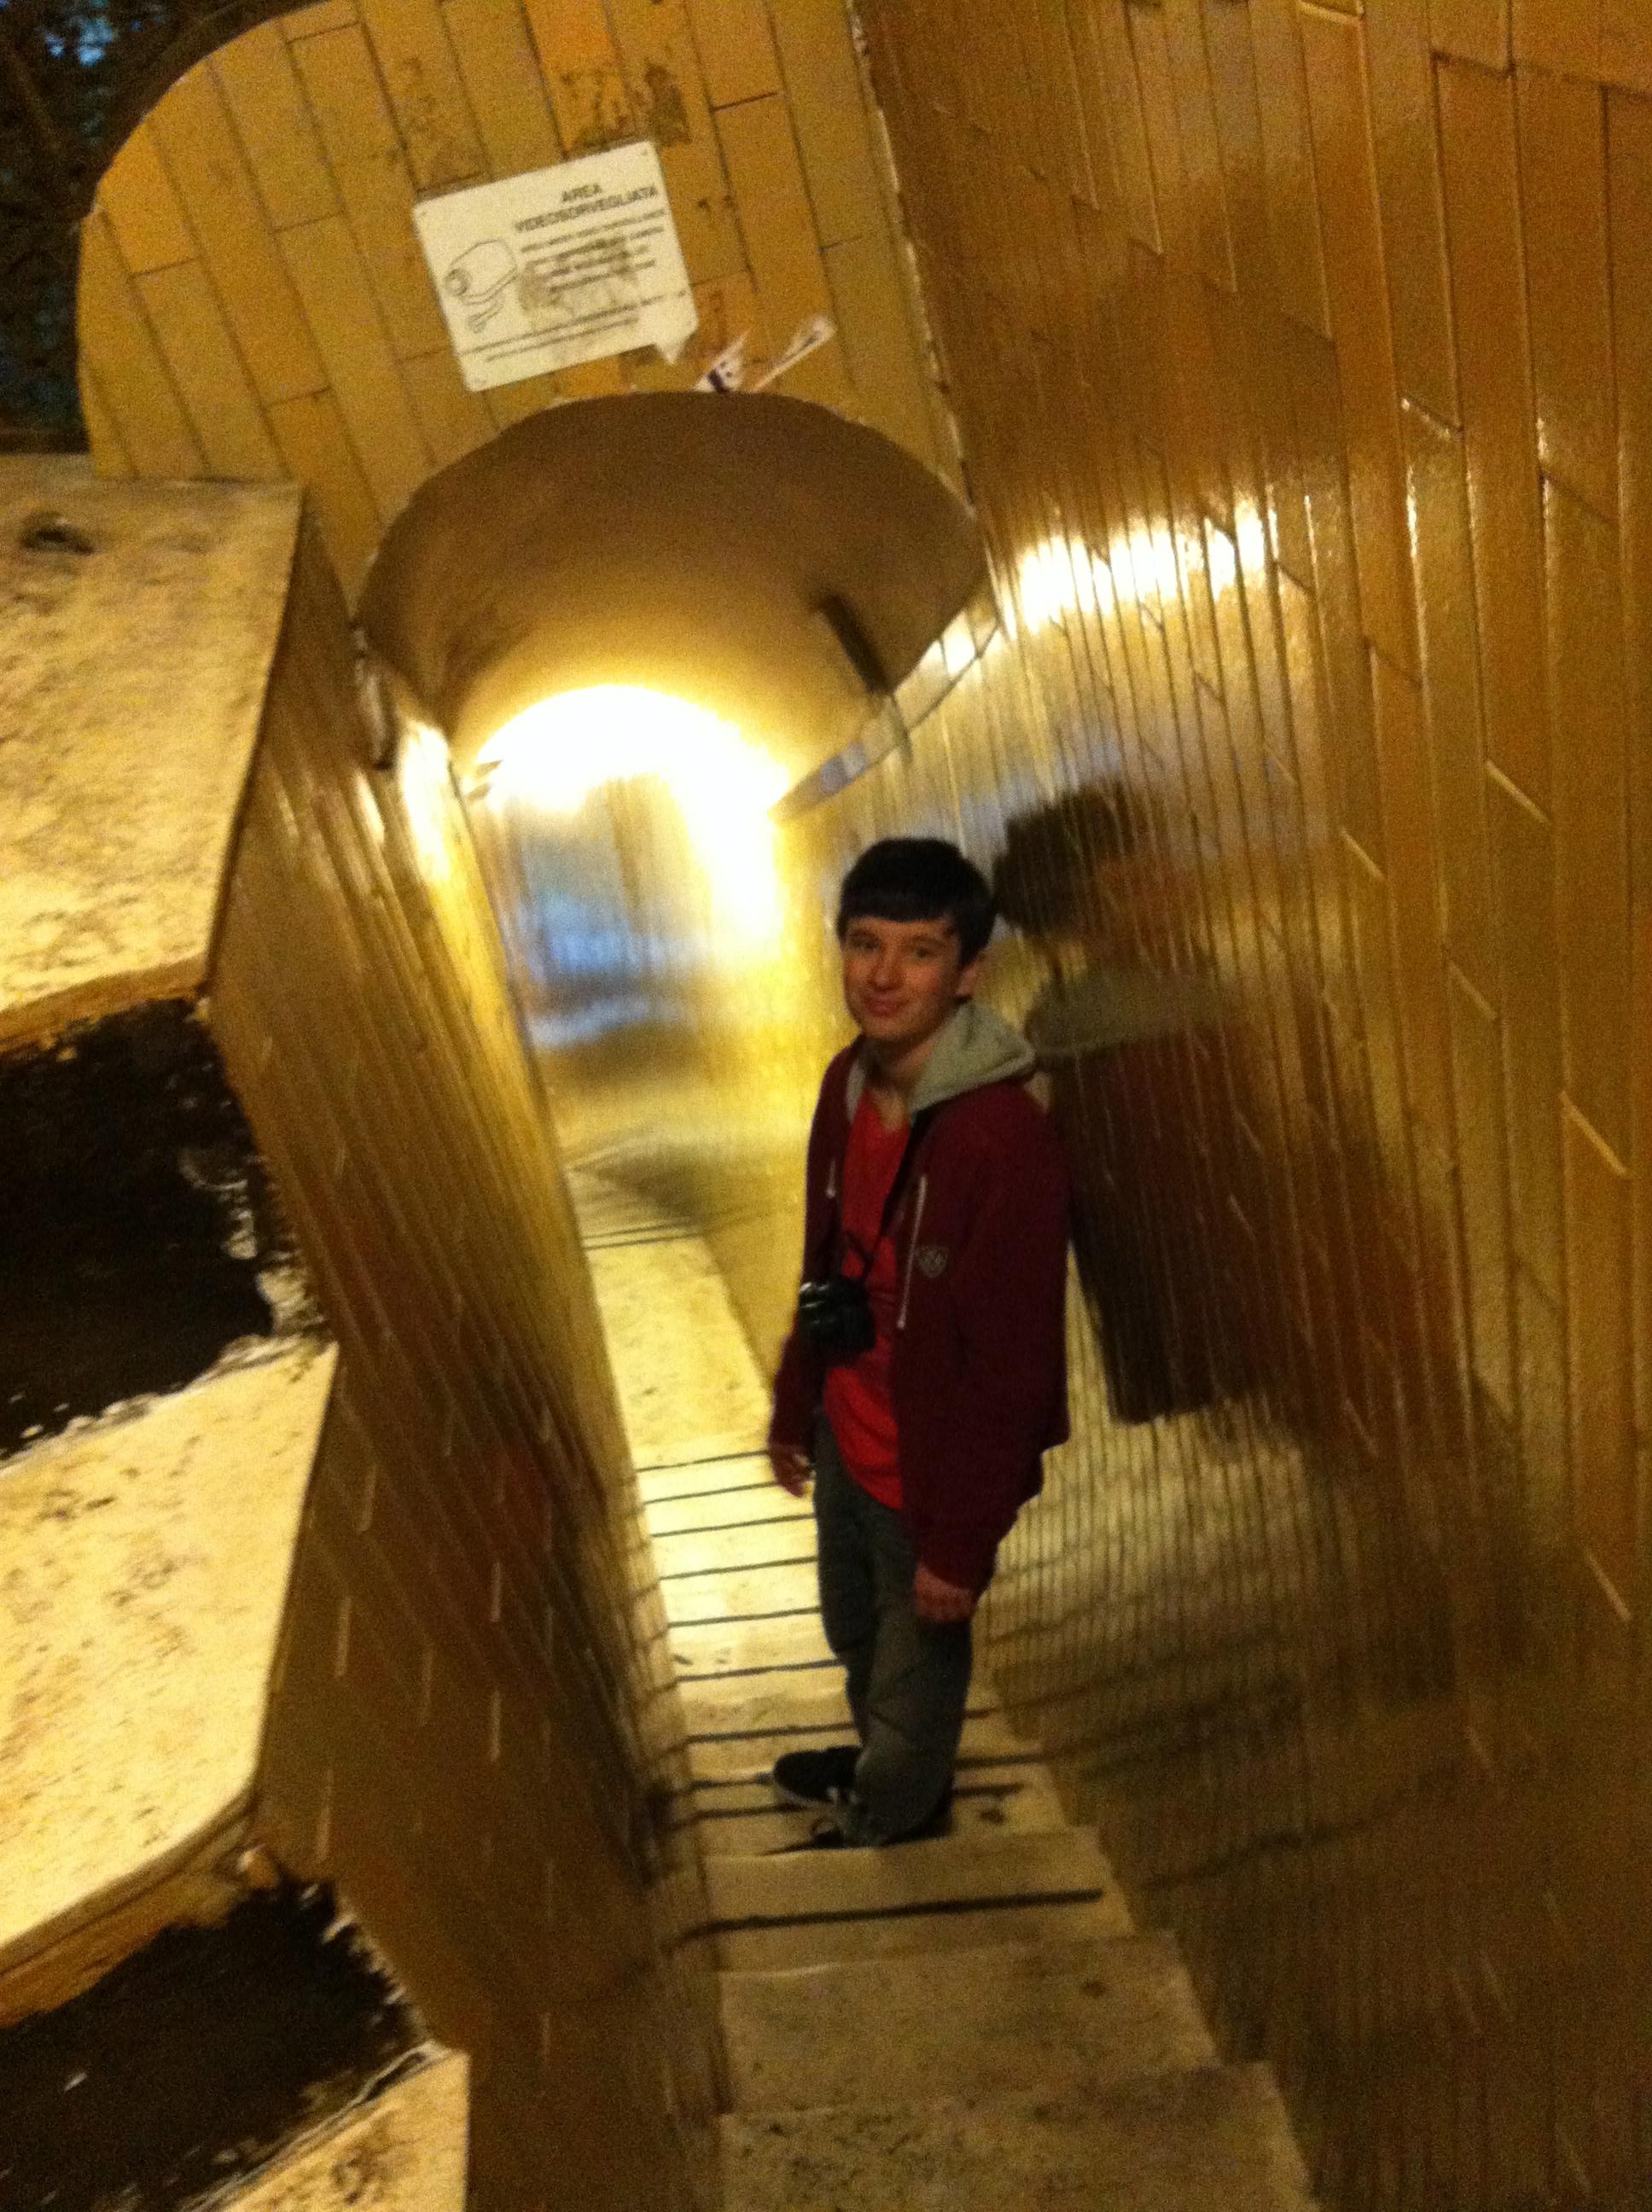 Descending the dome